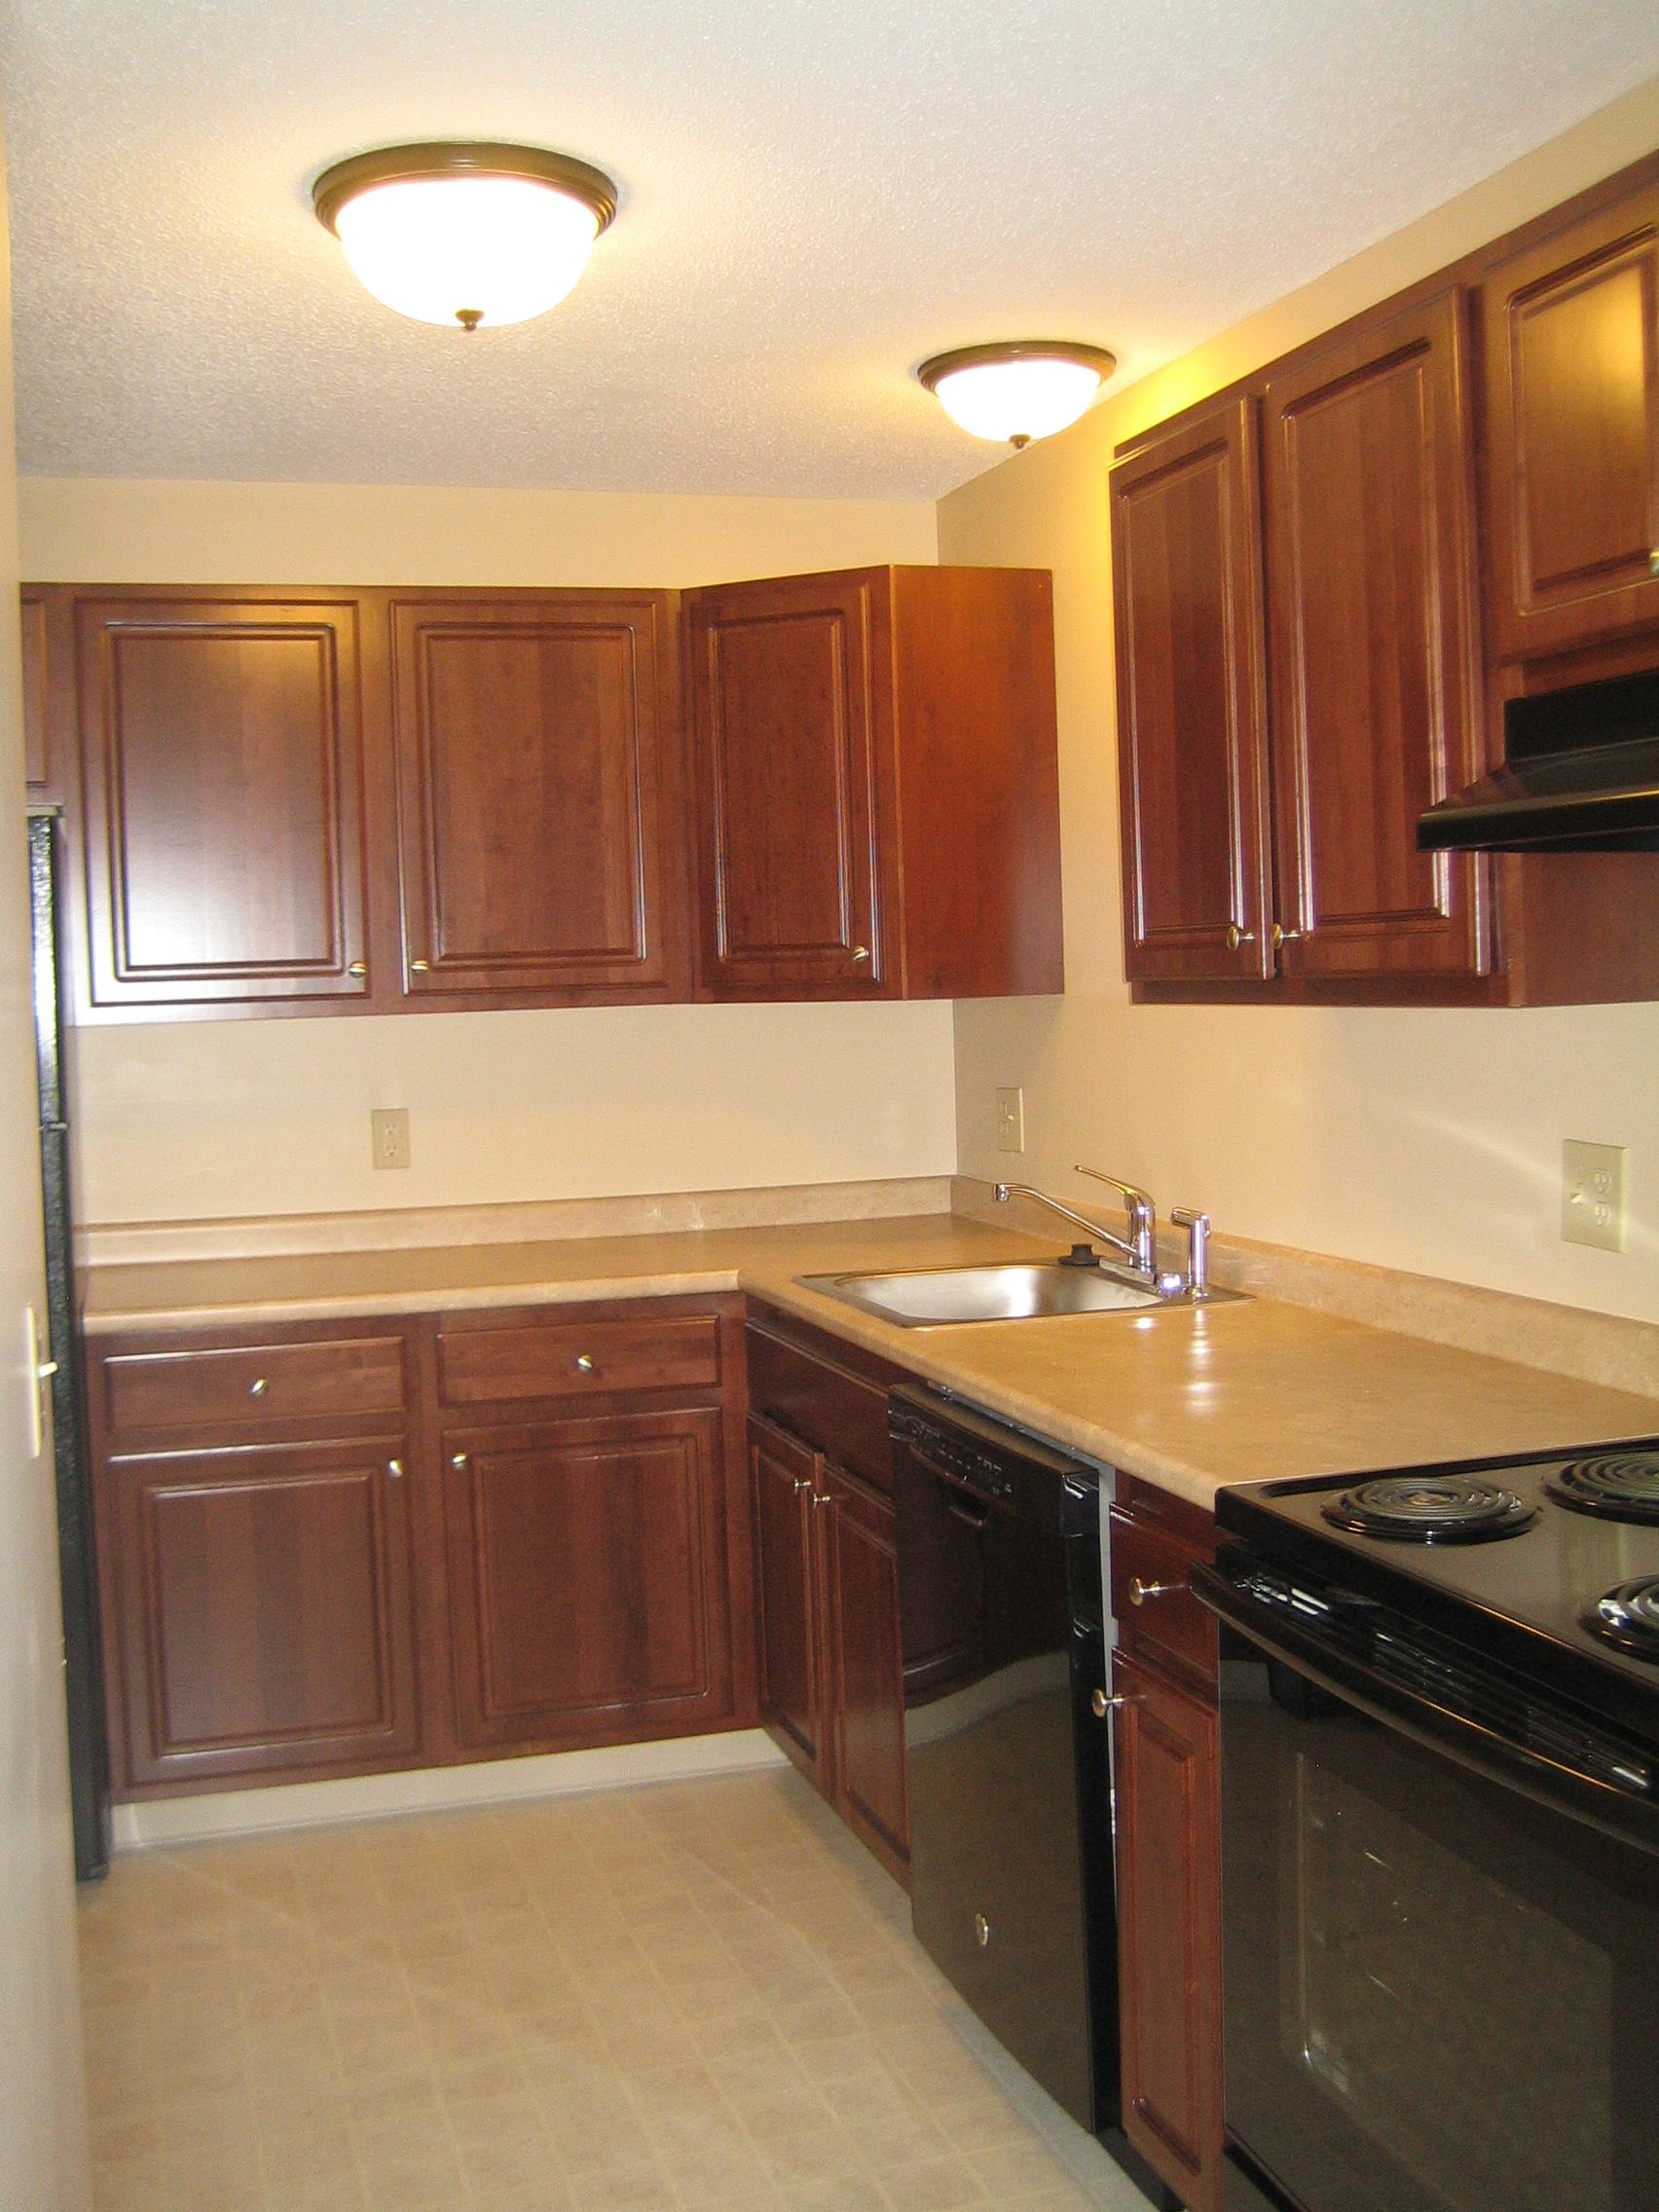 mid kitchen.JPG